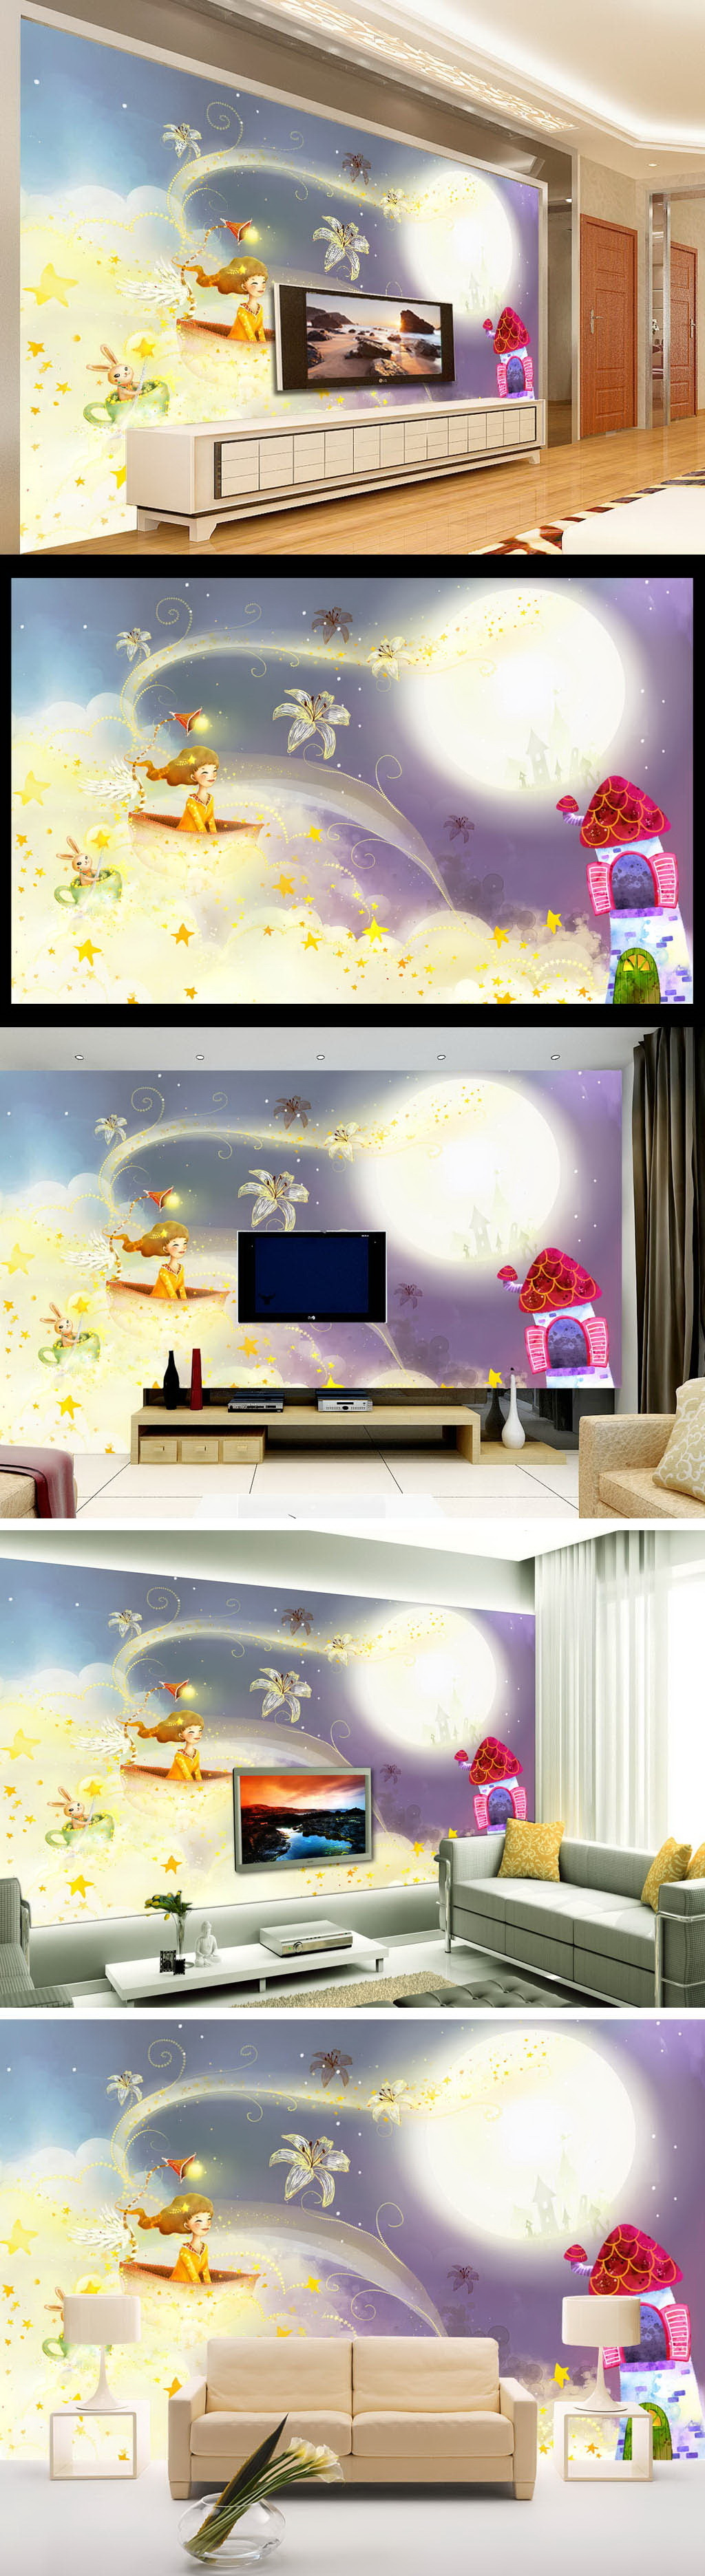 唯美梦幻手绘卡通客厅电视背景墙